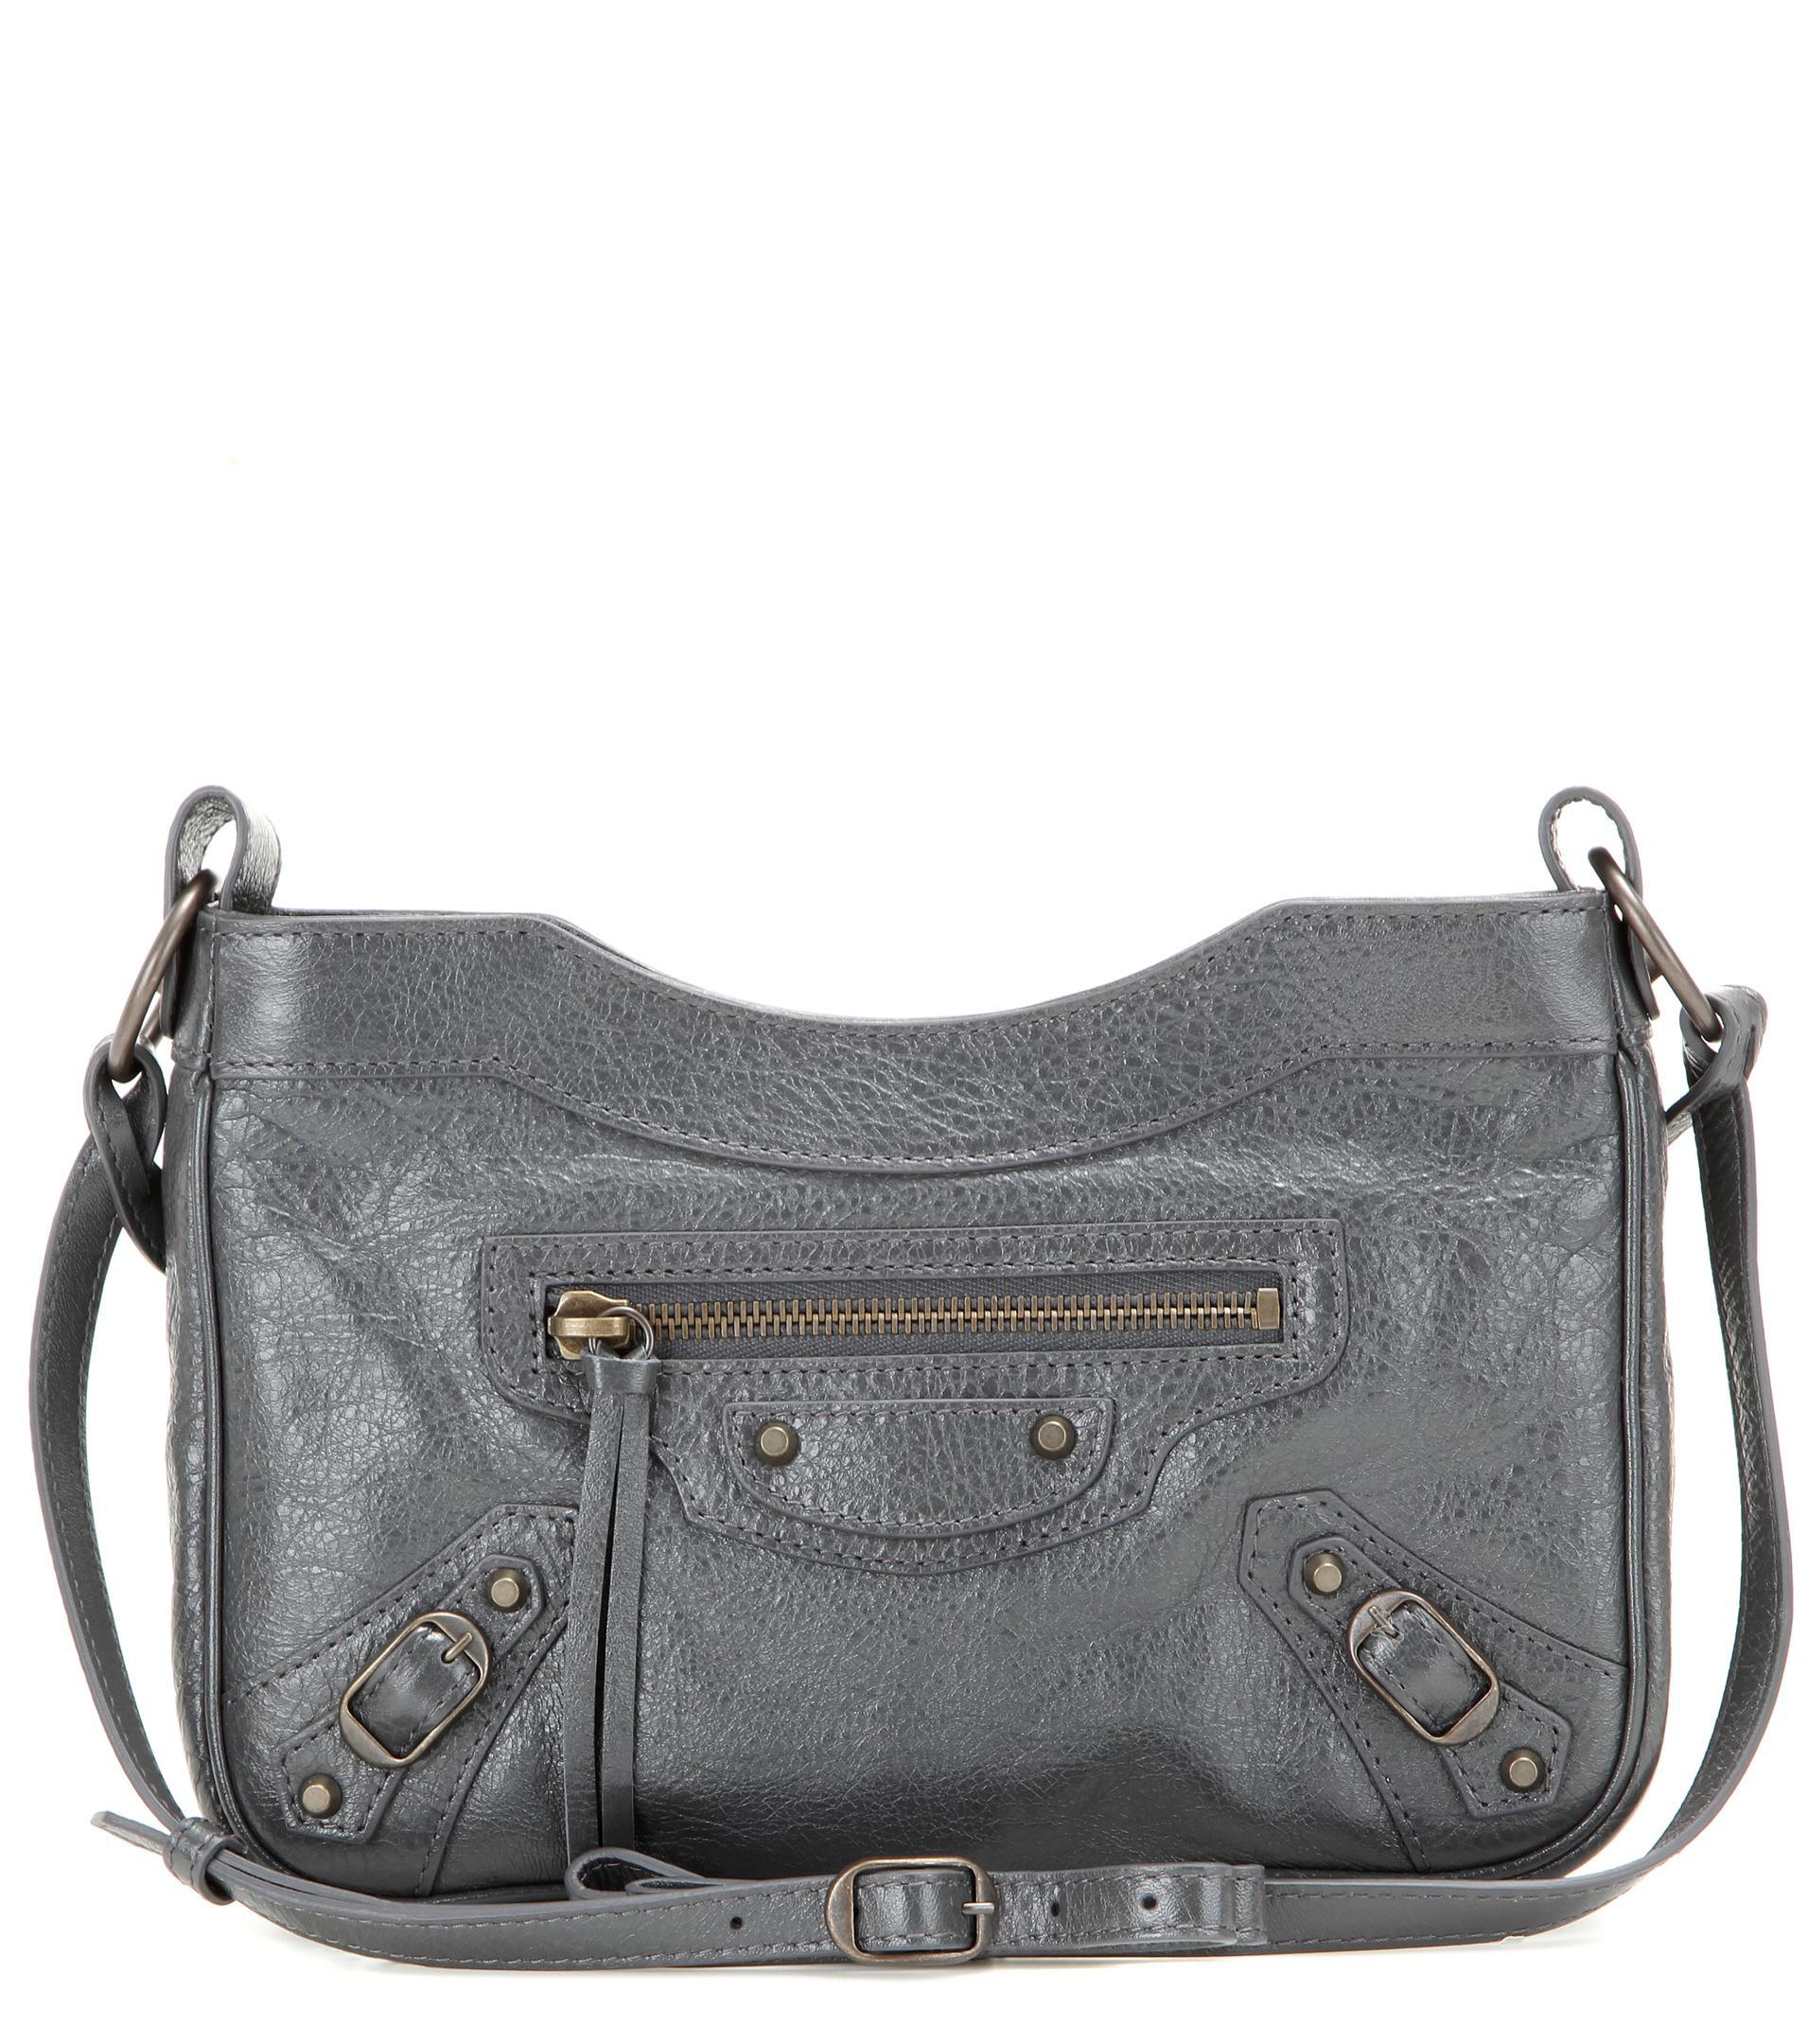 c7b6407b14 Balenciaga Classic Hip Leather Shoulder Bag in Gray - Lyst